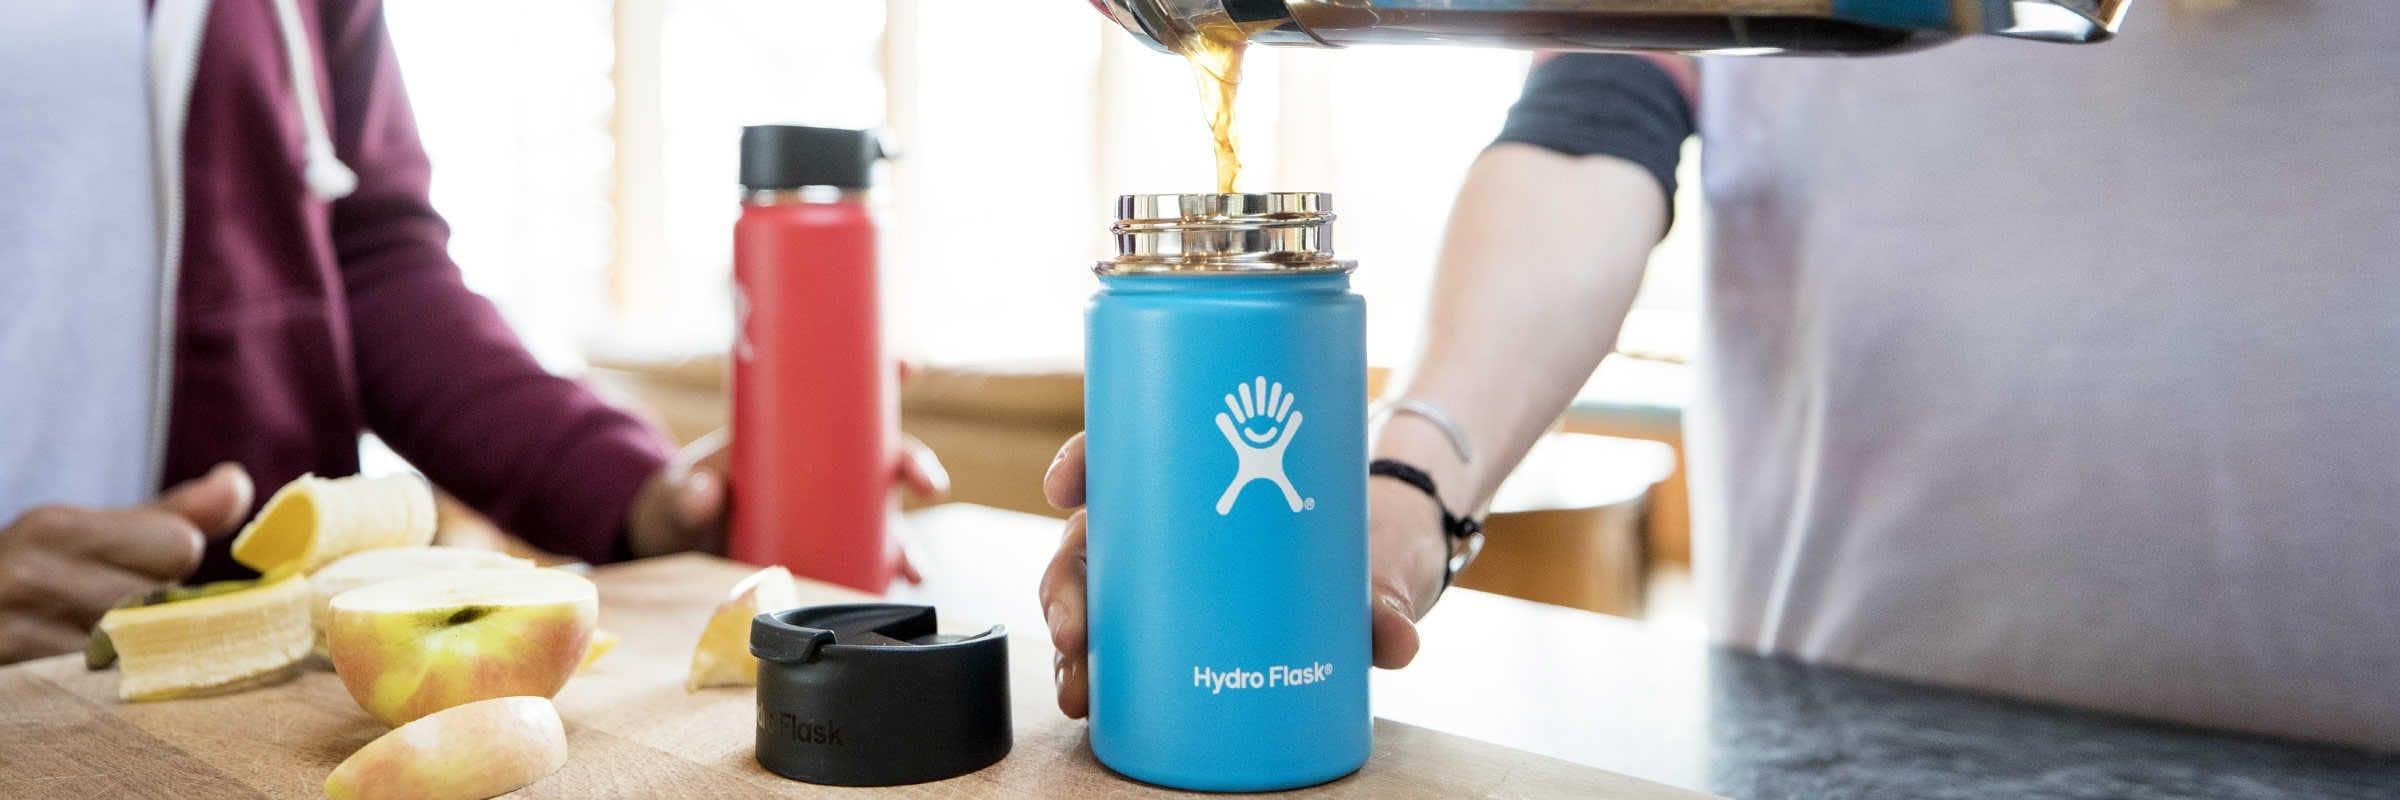 GSI outdoors, hydro flask, Mizu, Stanley, YETI. 5 tasses isothermes pour garder votre café au chaud